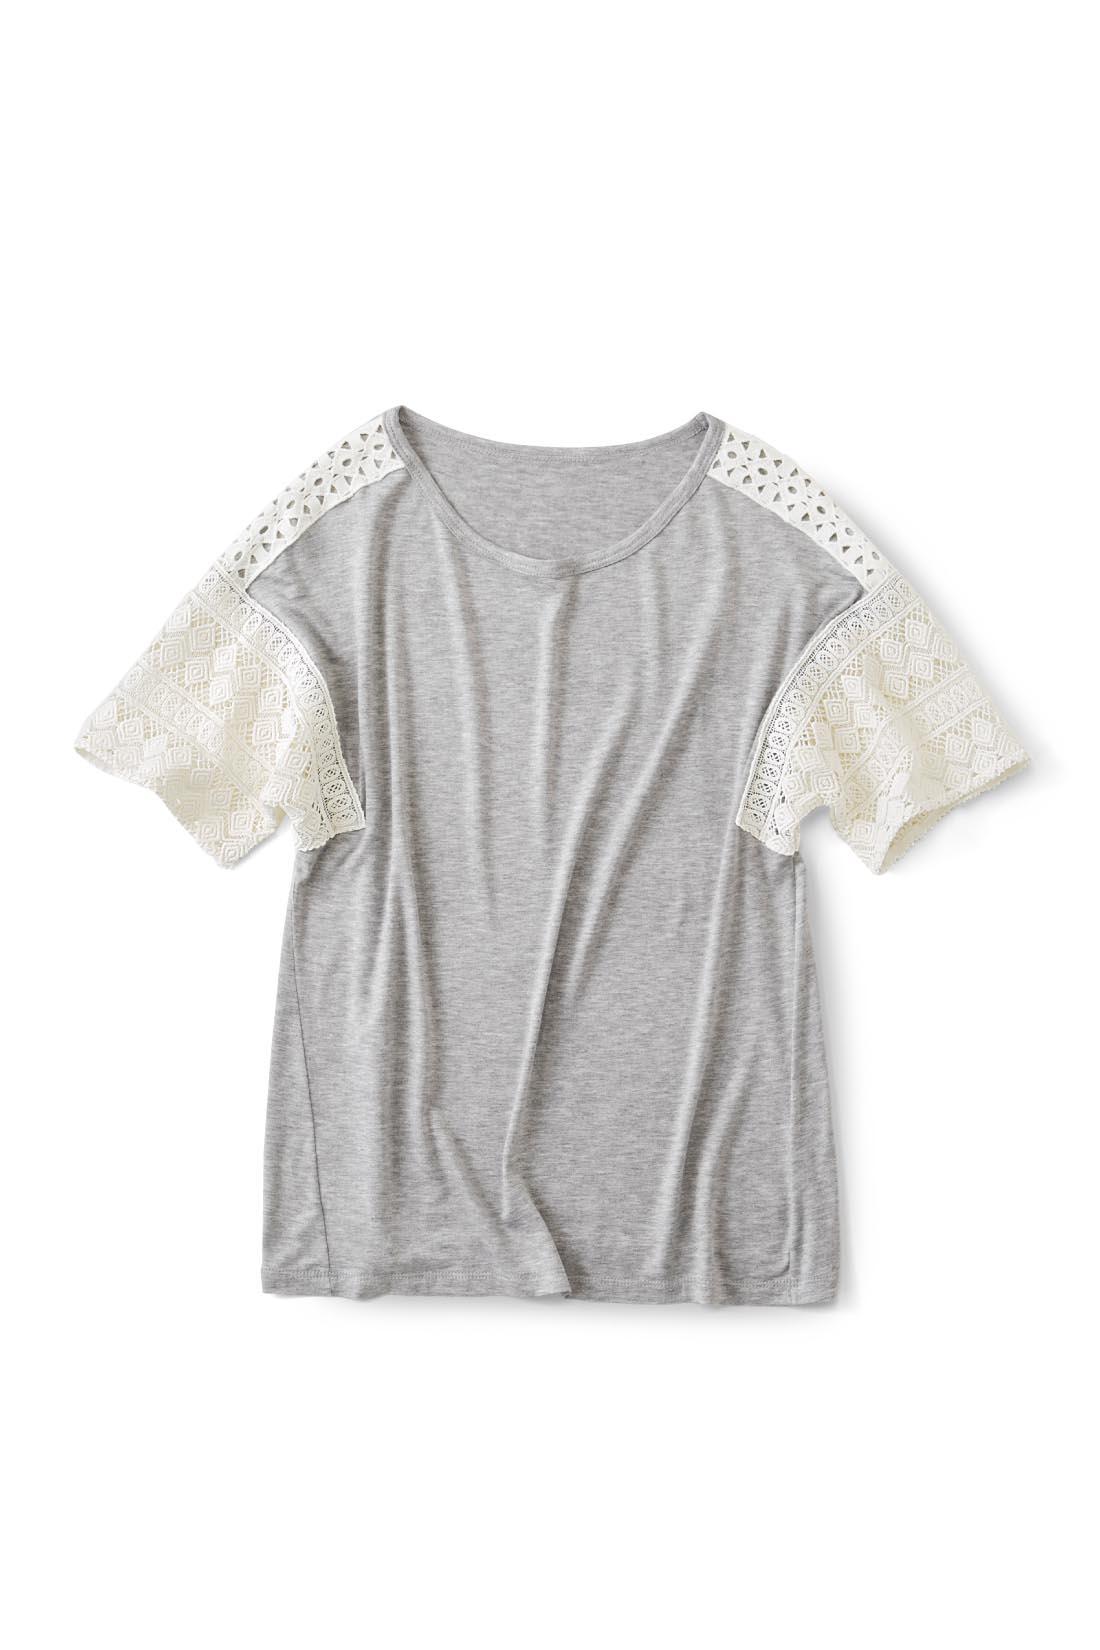 明るく着まわしやすい【グレー】 肩はTシャツ生地の上にレースを重ねているので、肌が見えすぎず上品な印象。 ほどよく肩落ちのデザインだから腕が透けすぎず安心です。